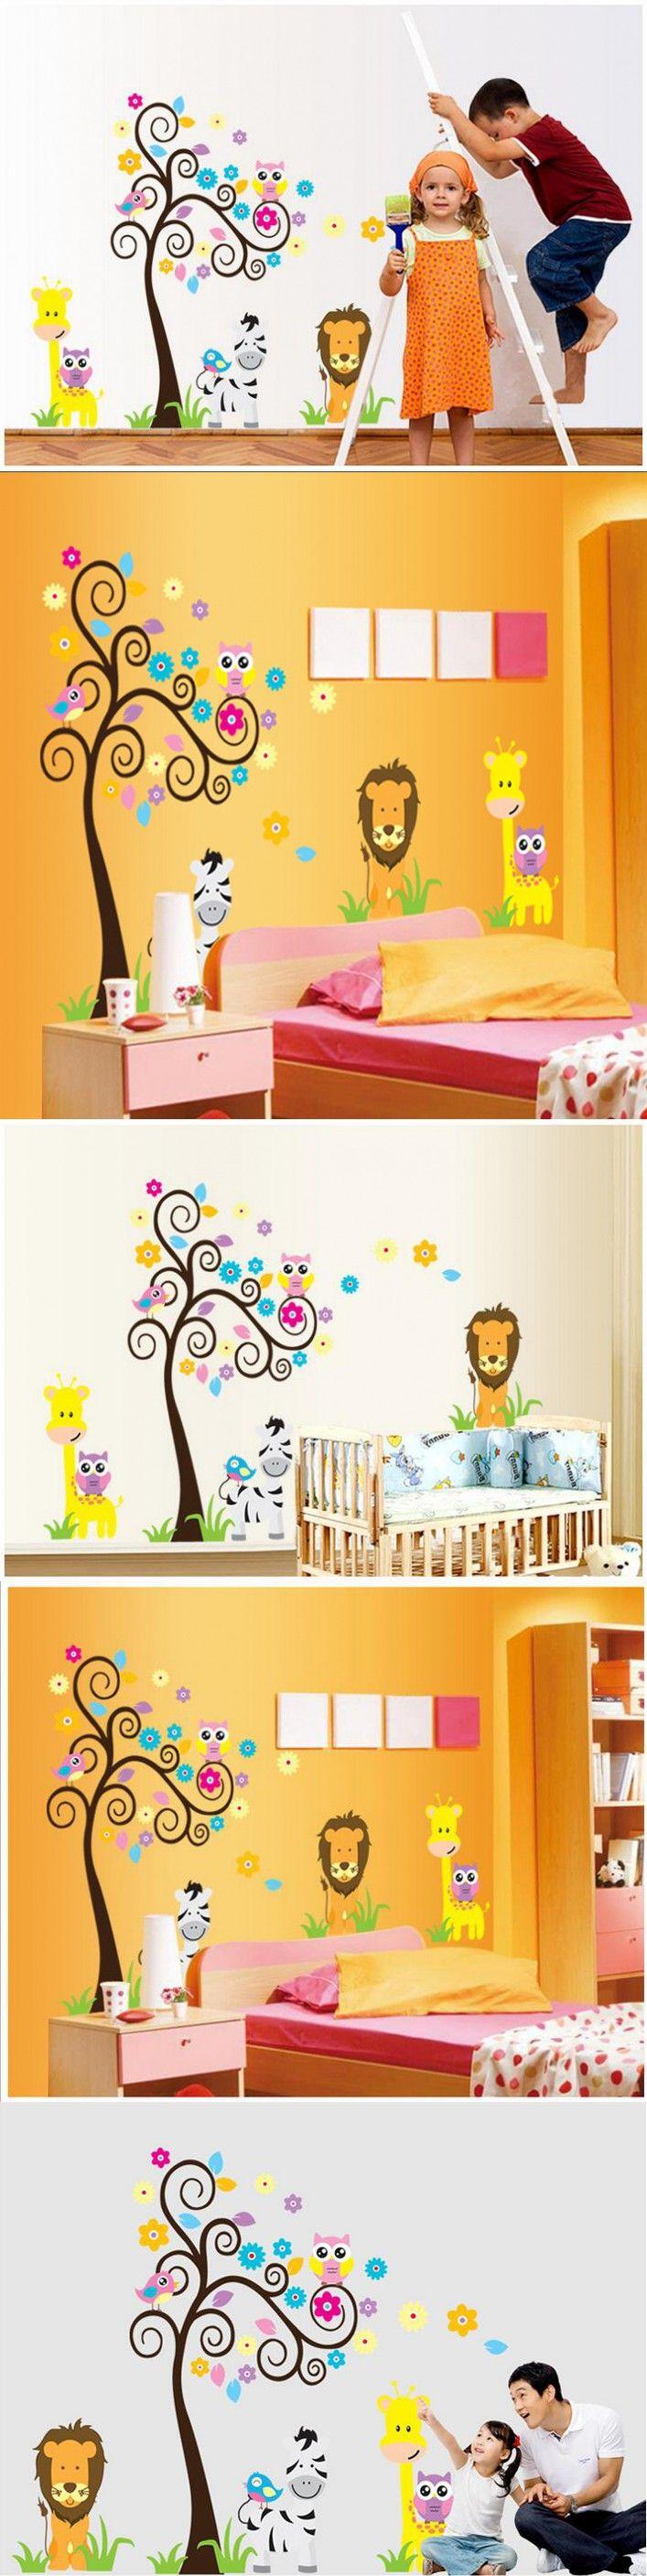 Owl Decor For Bedroom 17 Migliori Idee Su Camera Da Letto Stile Gufo Su Pinterest